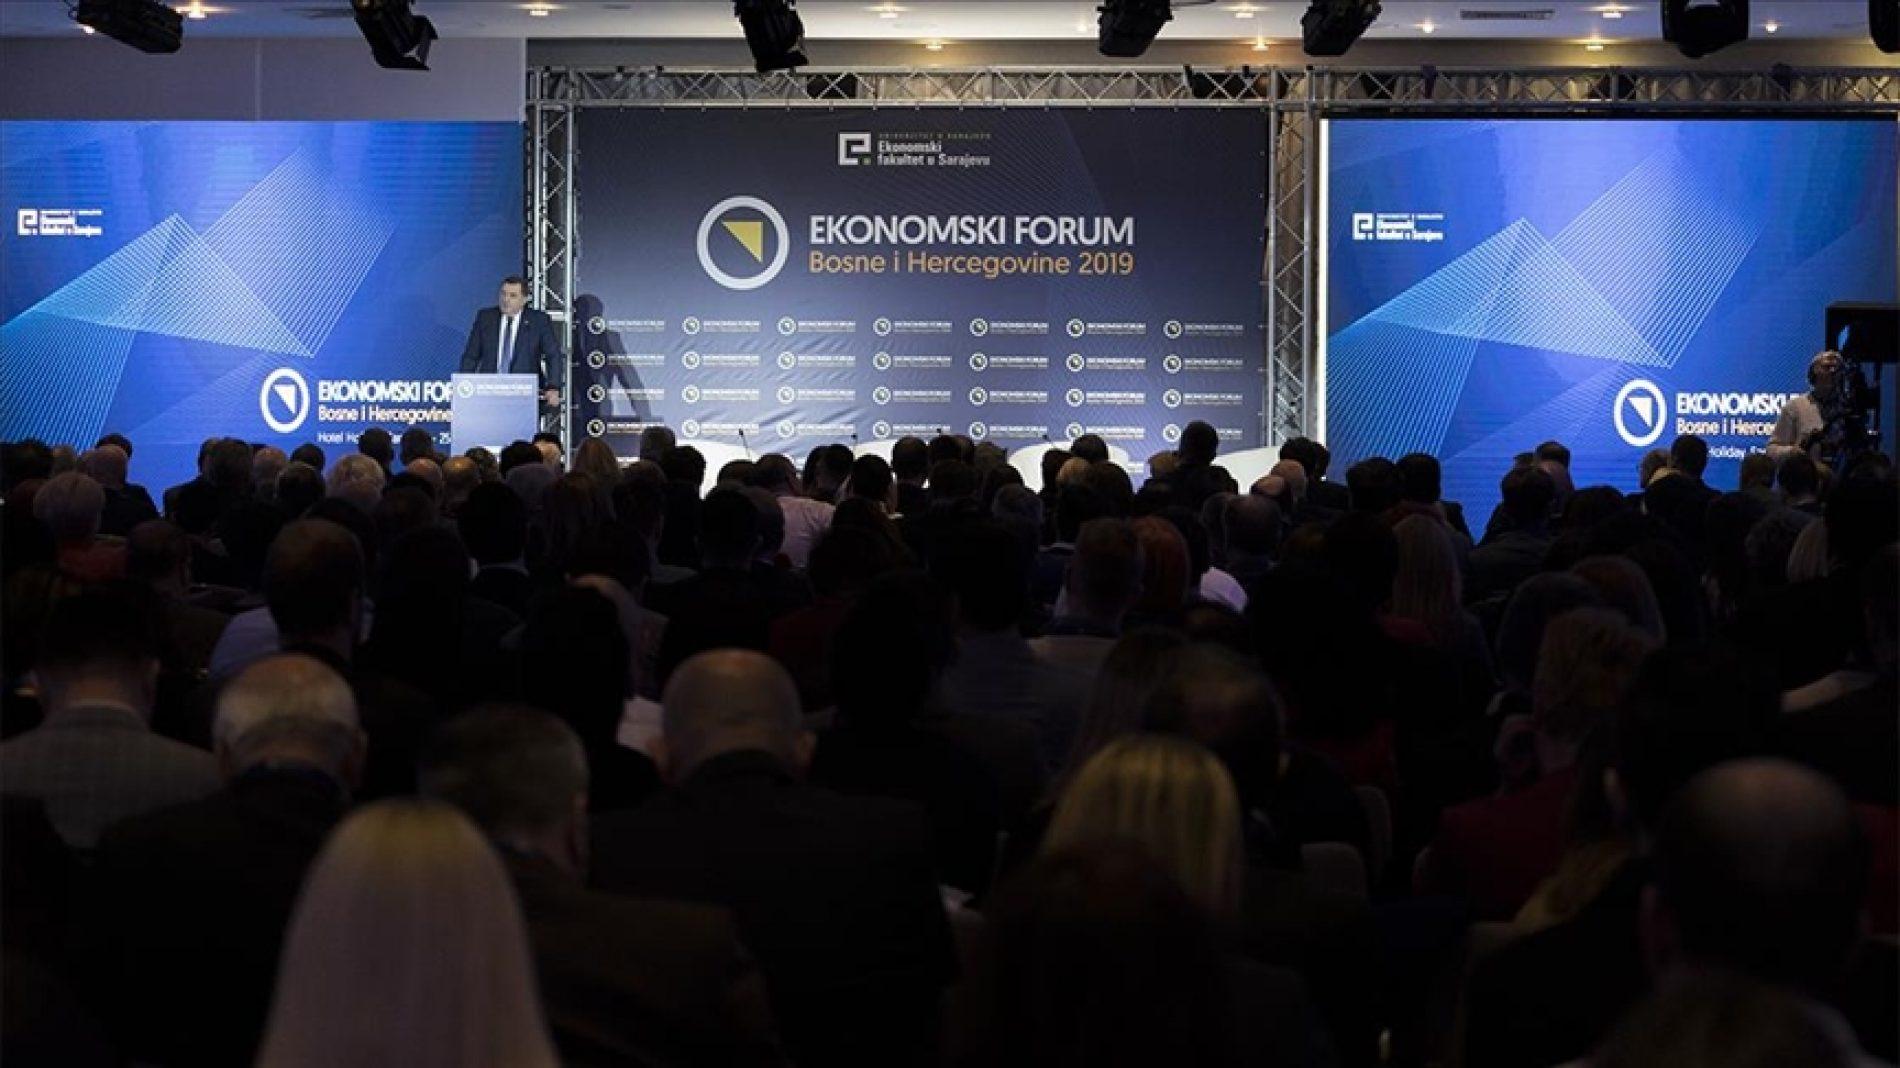 Jedan od vodećih svjetskih ekonomista: Bosna i Hercegovina ima veliki potencijal da iskoristi obnovljive izvore energije